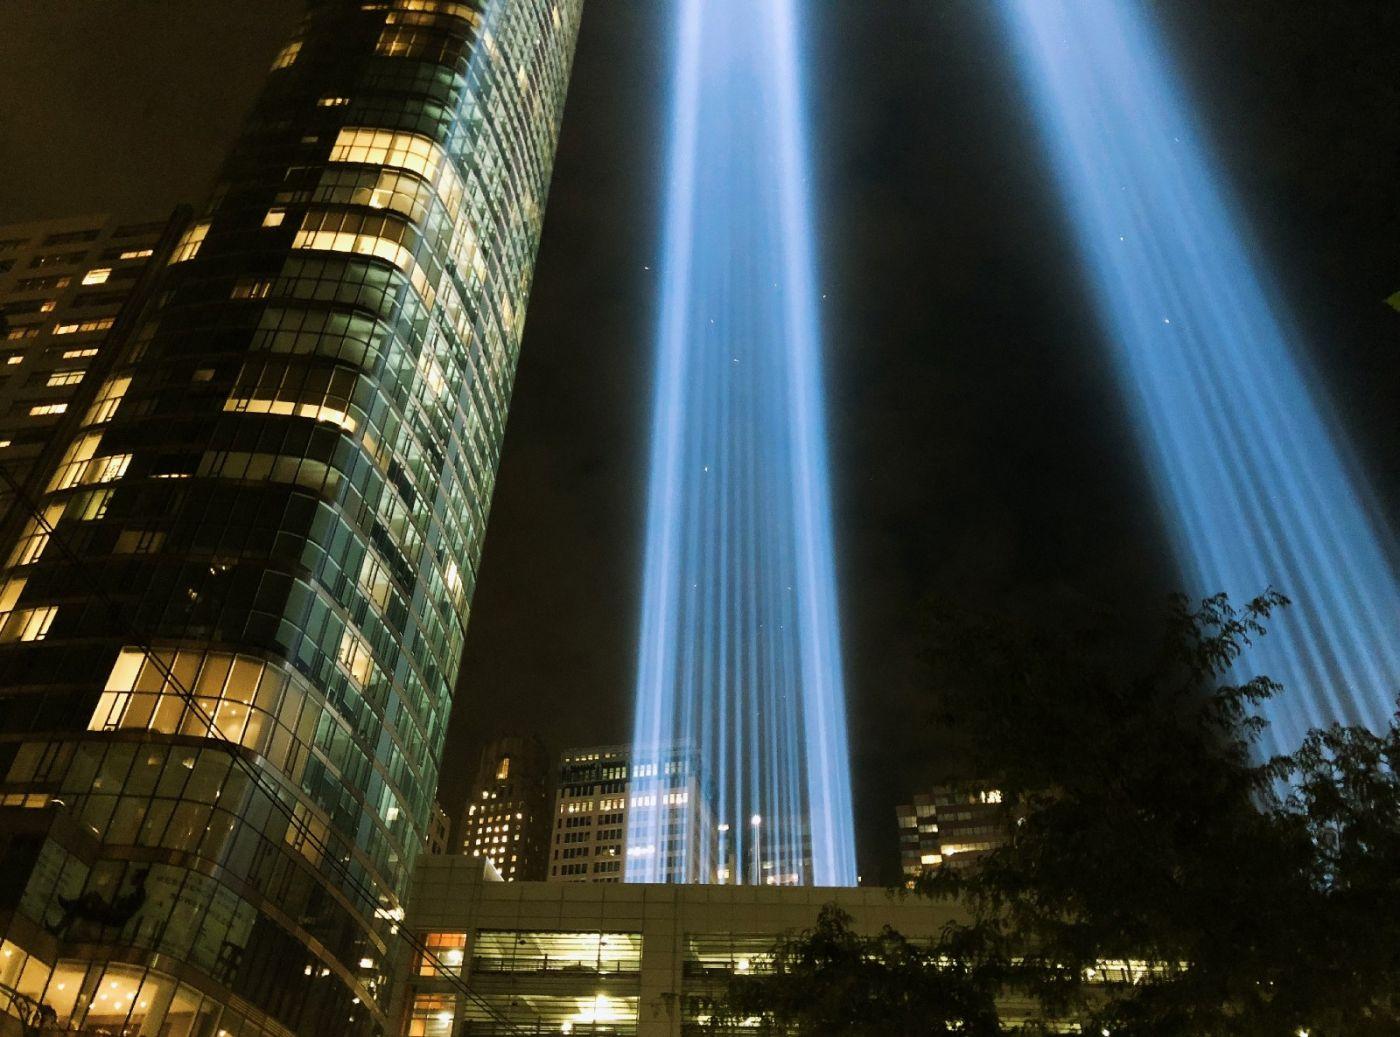 【田螺手机摄影】拍摄灯柱纪念911恐襲17周年_图1-11